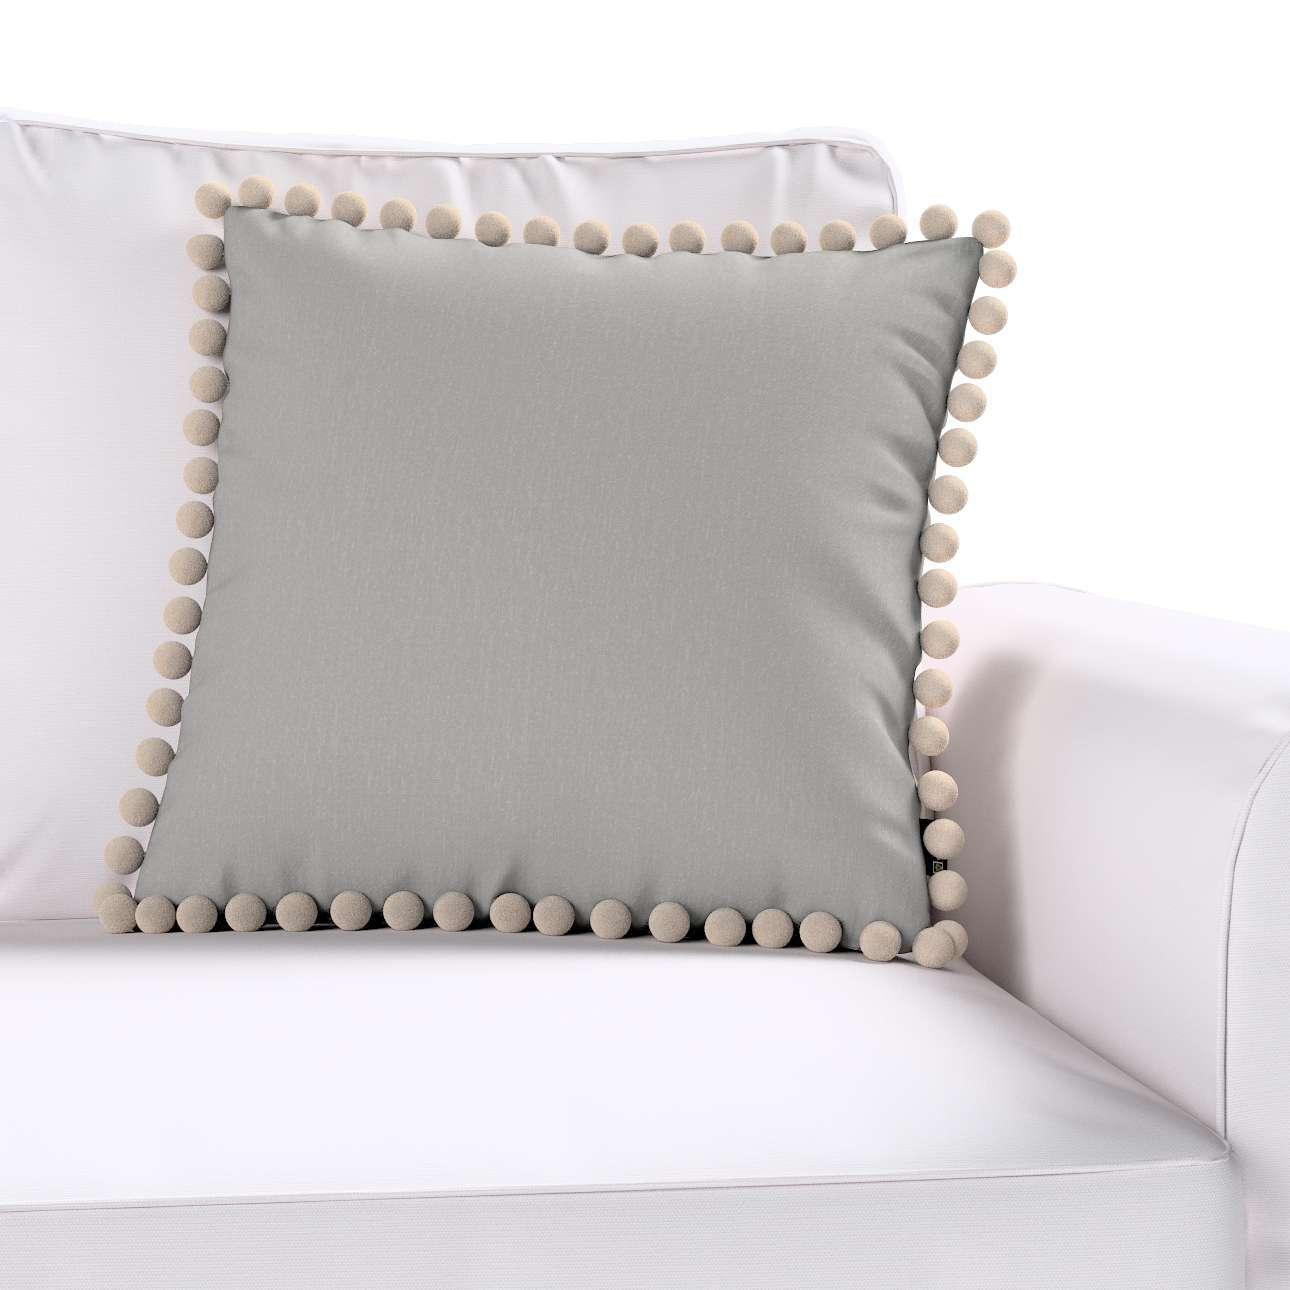 Poszewka Wera na poduszkę 45 x 45 cm w kolekcji Chenille, tkanina: 702-23